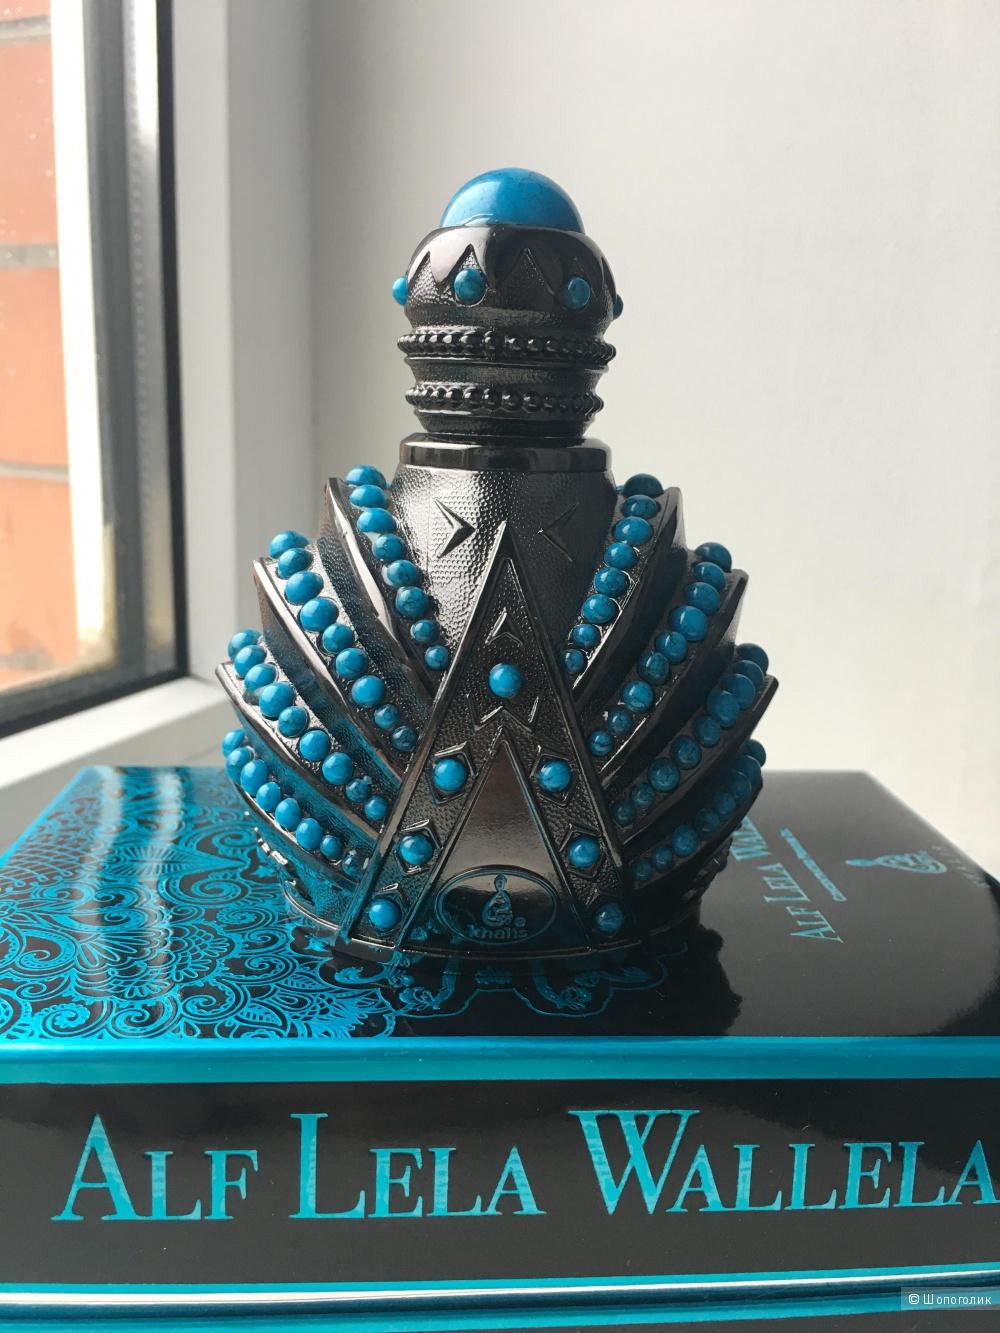 Духи khalis perfume Alf Lela wallela, 12 мл.